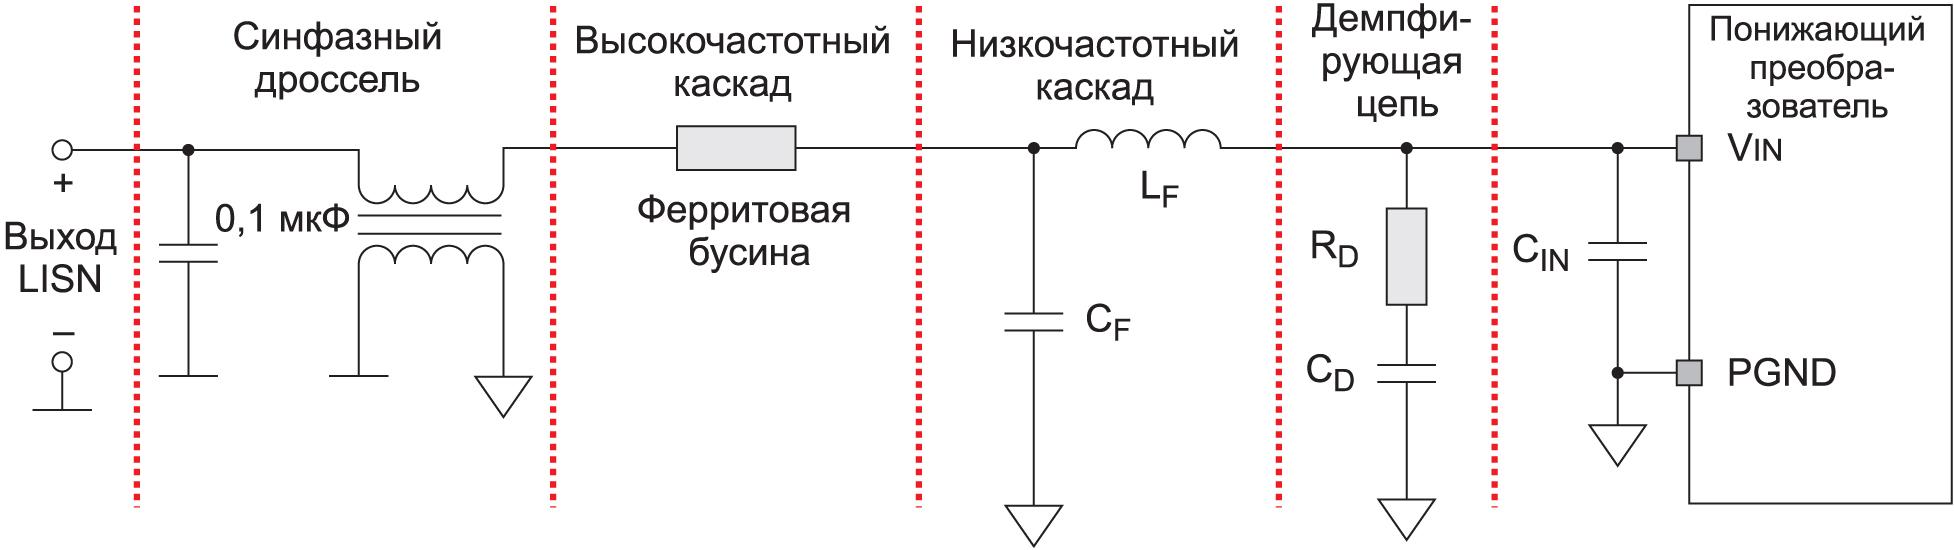 Схема ЭМП-фильтра